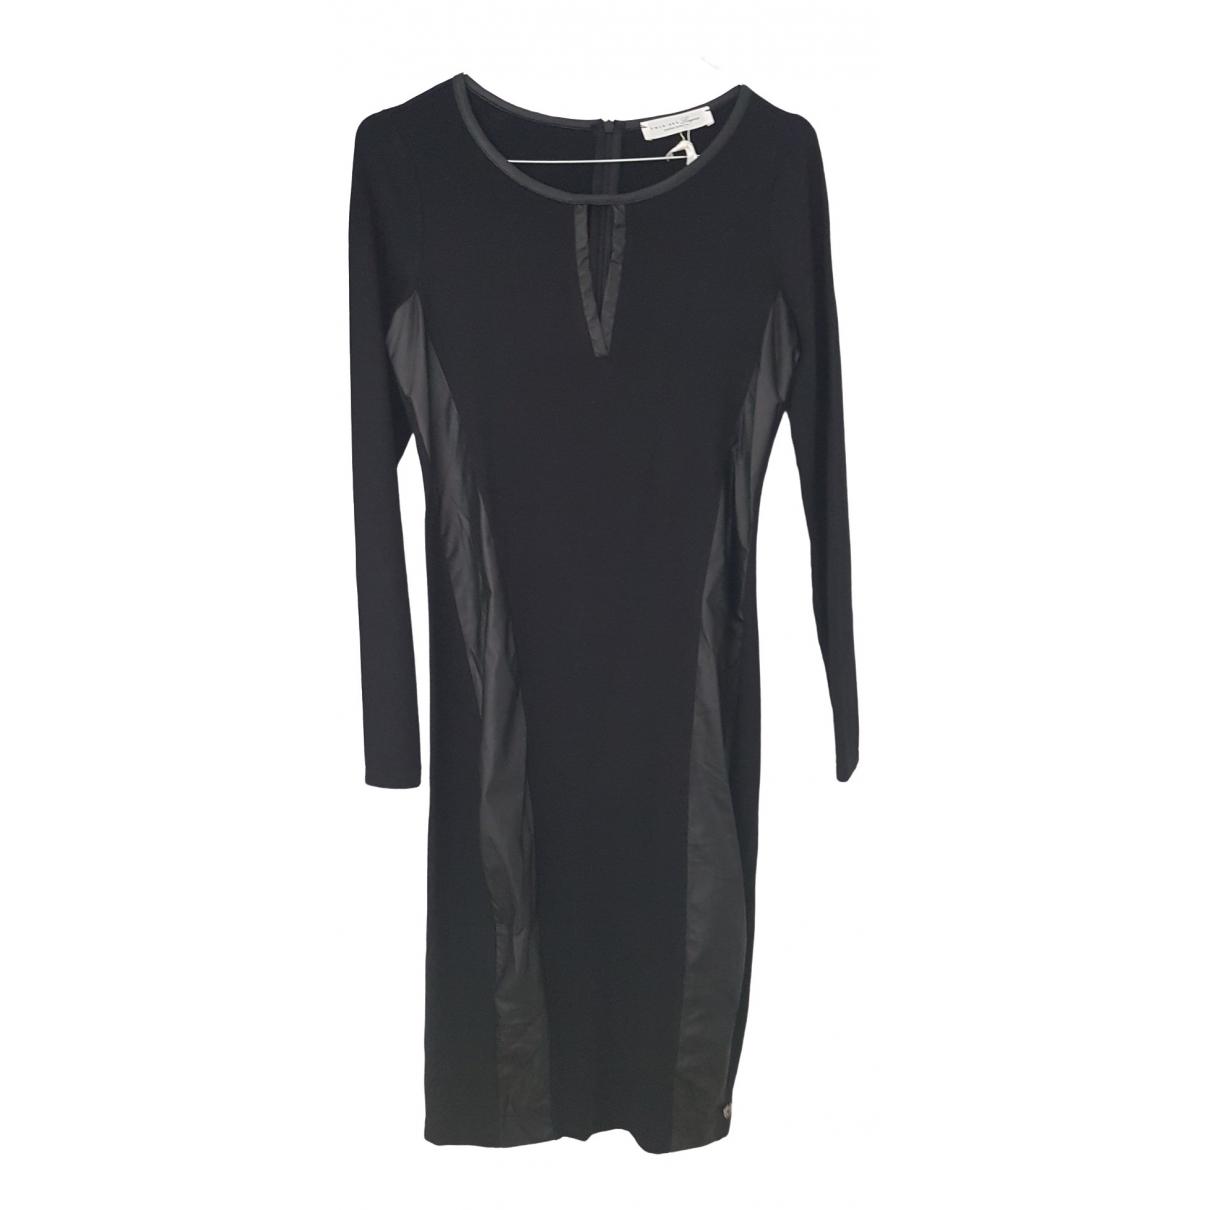 Twin Set \N Black Cotton dress for Women 38 FR